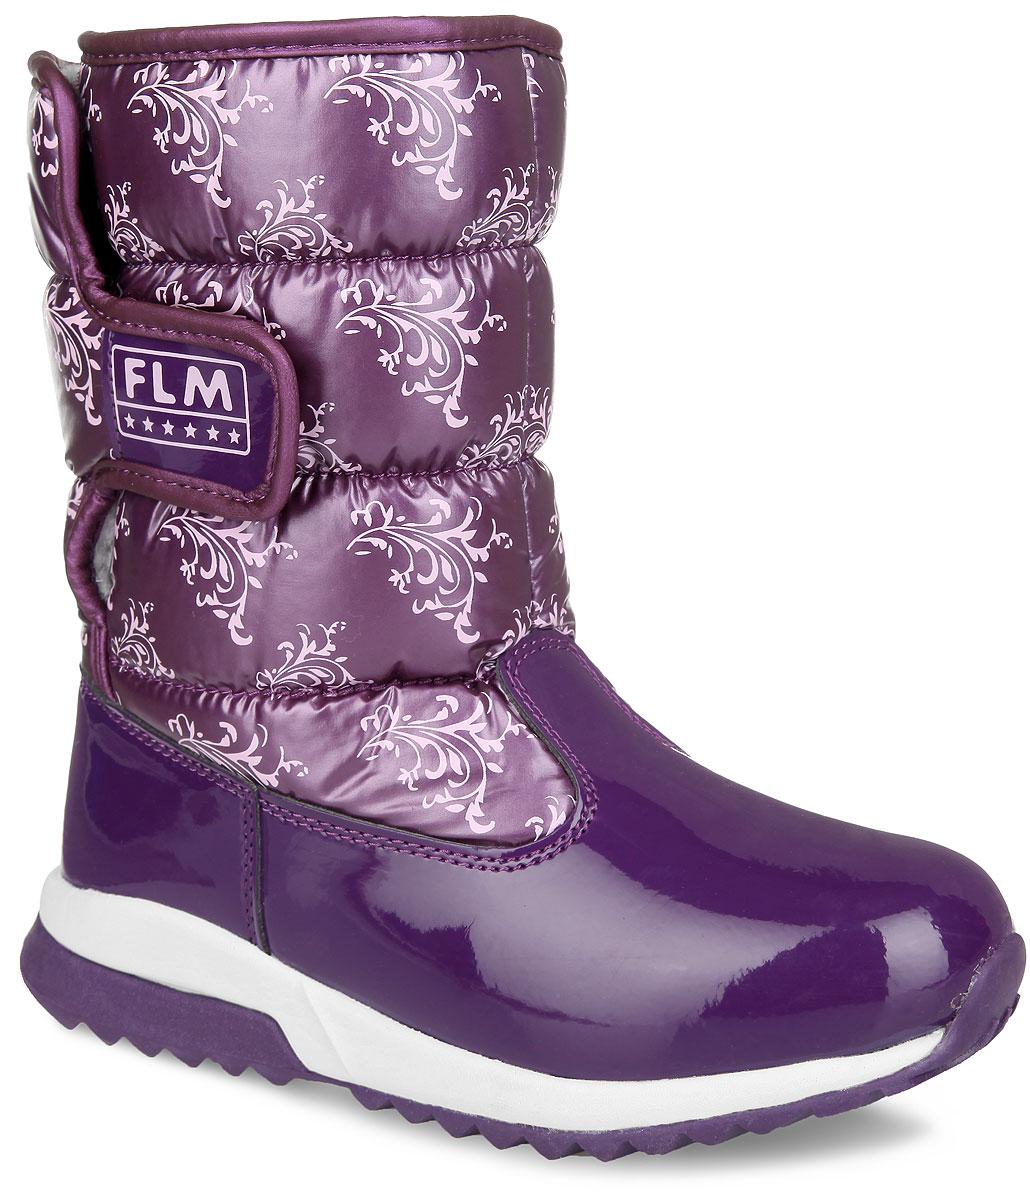 Дутики для девочки Flamingo, цвет: фиолетовый, розовый. 52-NC409. Размер 3452-NC409Стильные дутики для девочки от Flamingo, изготовленные из современных материалов, обеспечат удобство и комфорт ножкам вашей малышки в прохладную погоду. Модель в нижней части изготовлена из искусственной лаковой кожи, а голенище - из высококачественного нейлона, оформленного узорами контрастного цвета. Подкладка и стелька, выполненные из комбинации шерсти и искусственного меха, согреют ножки ребенка в холод. Удобная застежка-липучка сбоку на голенище, украшенная вставкой из лаковой кожи, обеспечивает практичность и комфортную фиксацию модели на ноге. Задник оформлен тиснением в виде логотипа бренда. Уплотненная вставка на мысе защищает детскую стопу от ударов при ходьбе. Подошва с рифленым протектором обеспечивает удобство и практичность на каждый день. В таких дутиках ножкам вашего ребенка всегда будет комфортно, уютно и тепло!